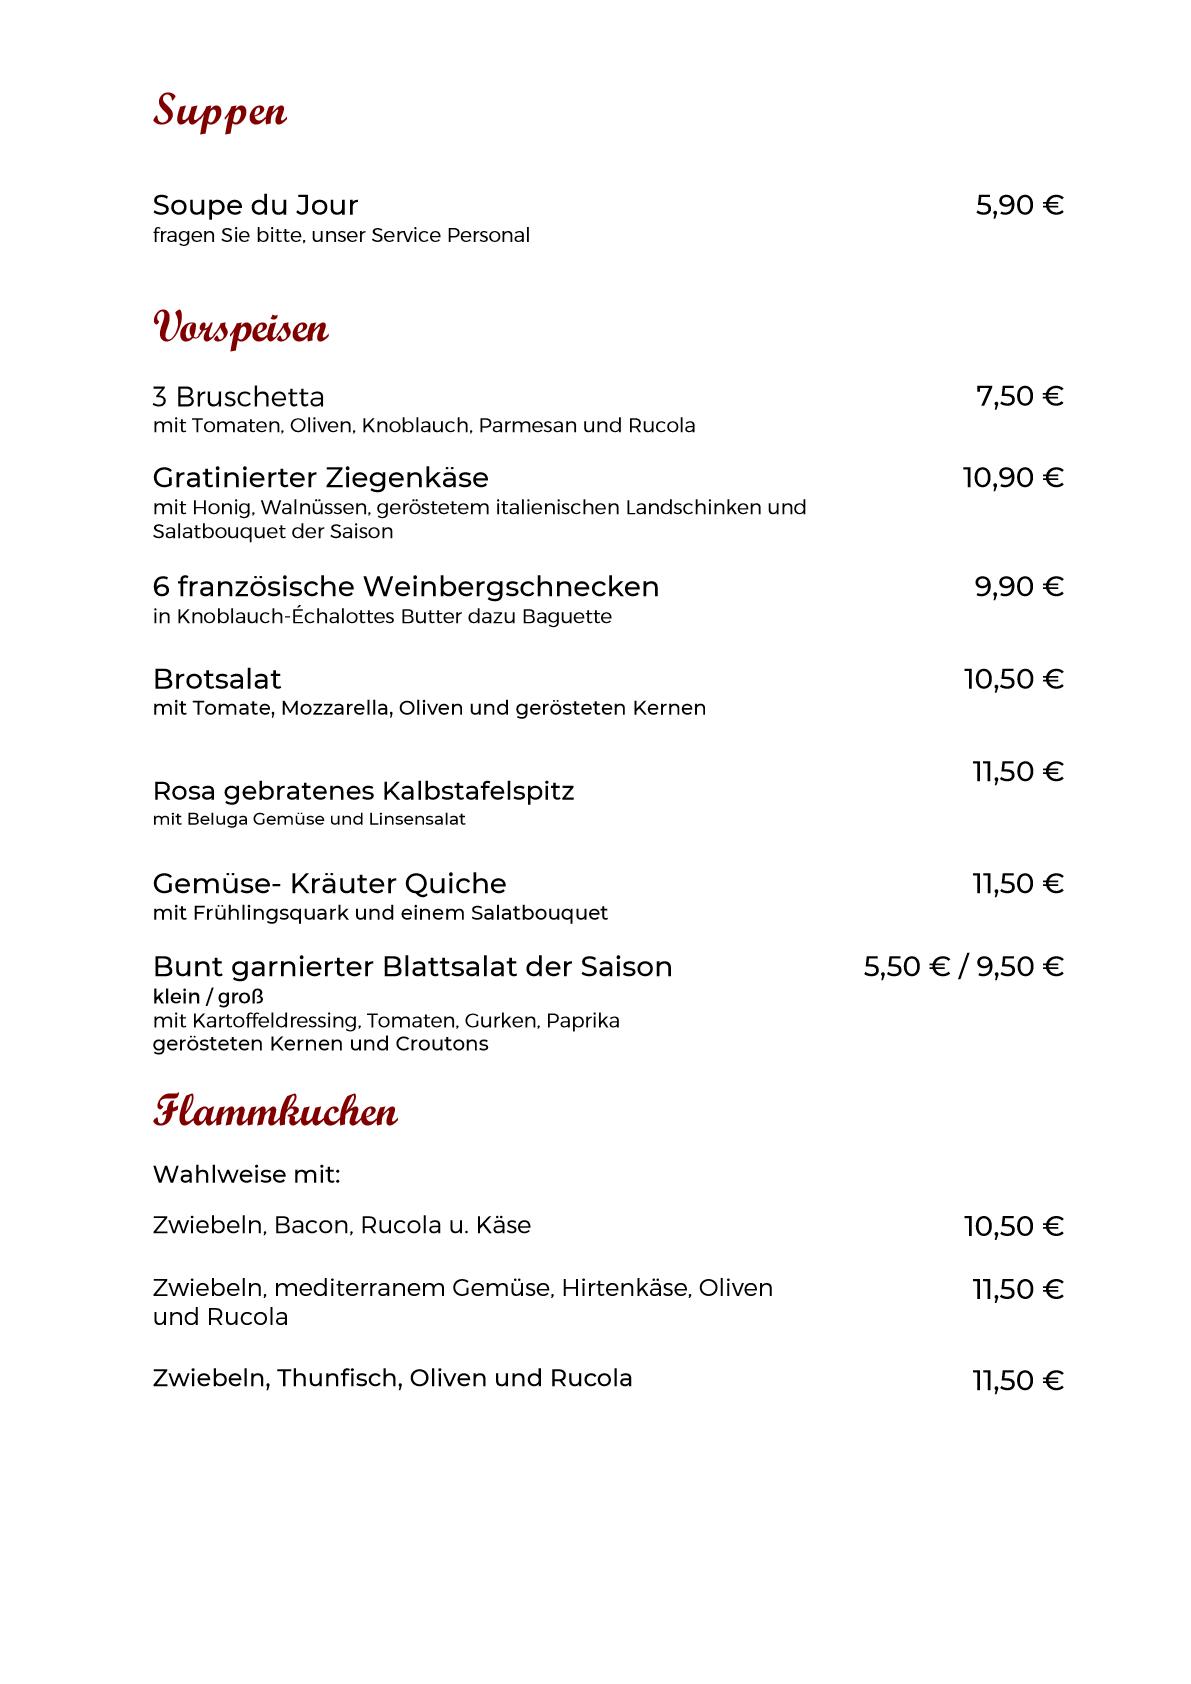 Speisekarte Vorspeisen neu 10.09.2021